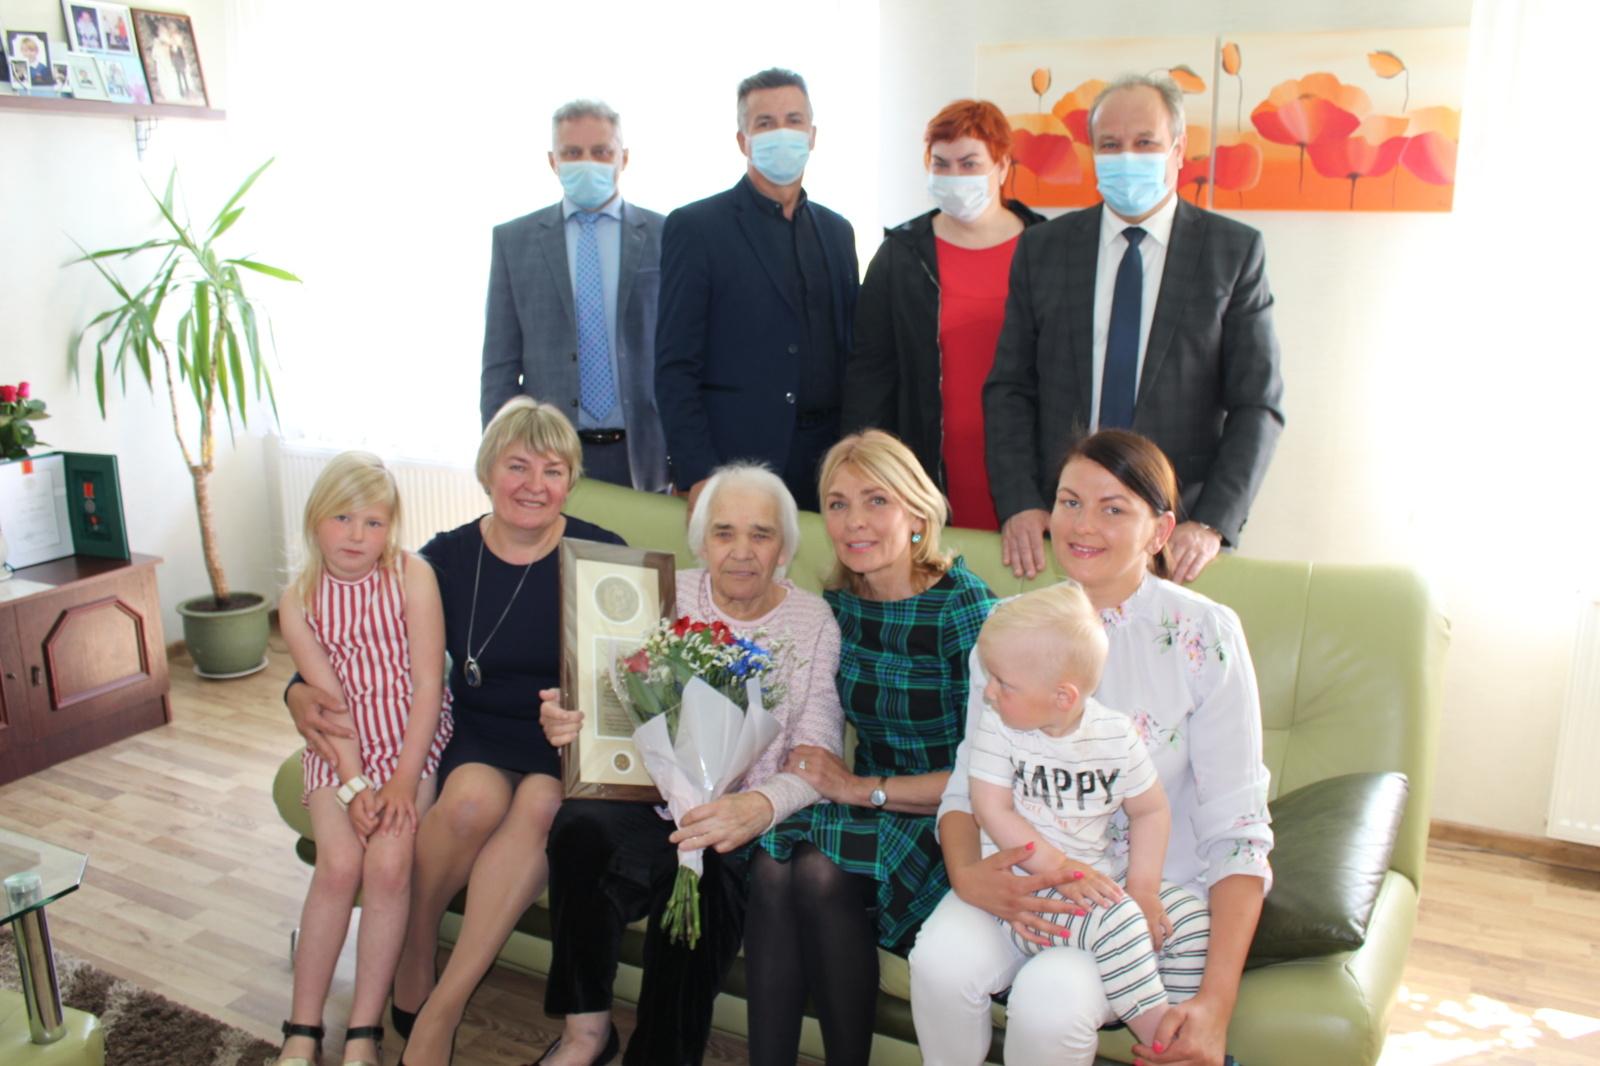 Prezidento apdovanotai daugiavaikei mamai – Savivaldybės vadovų padėka